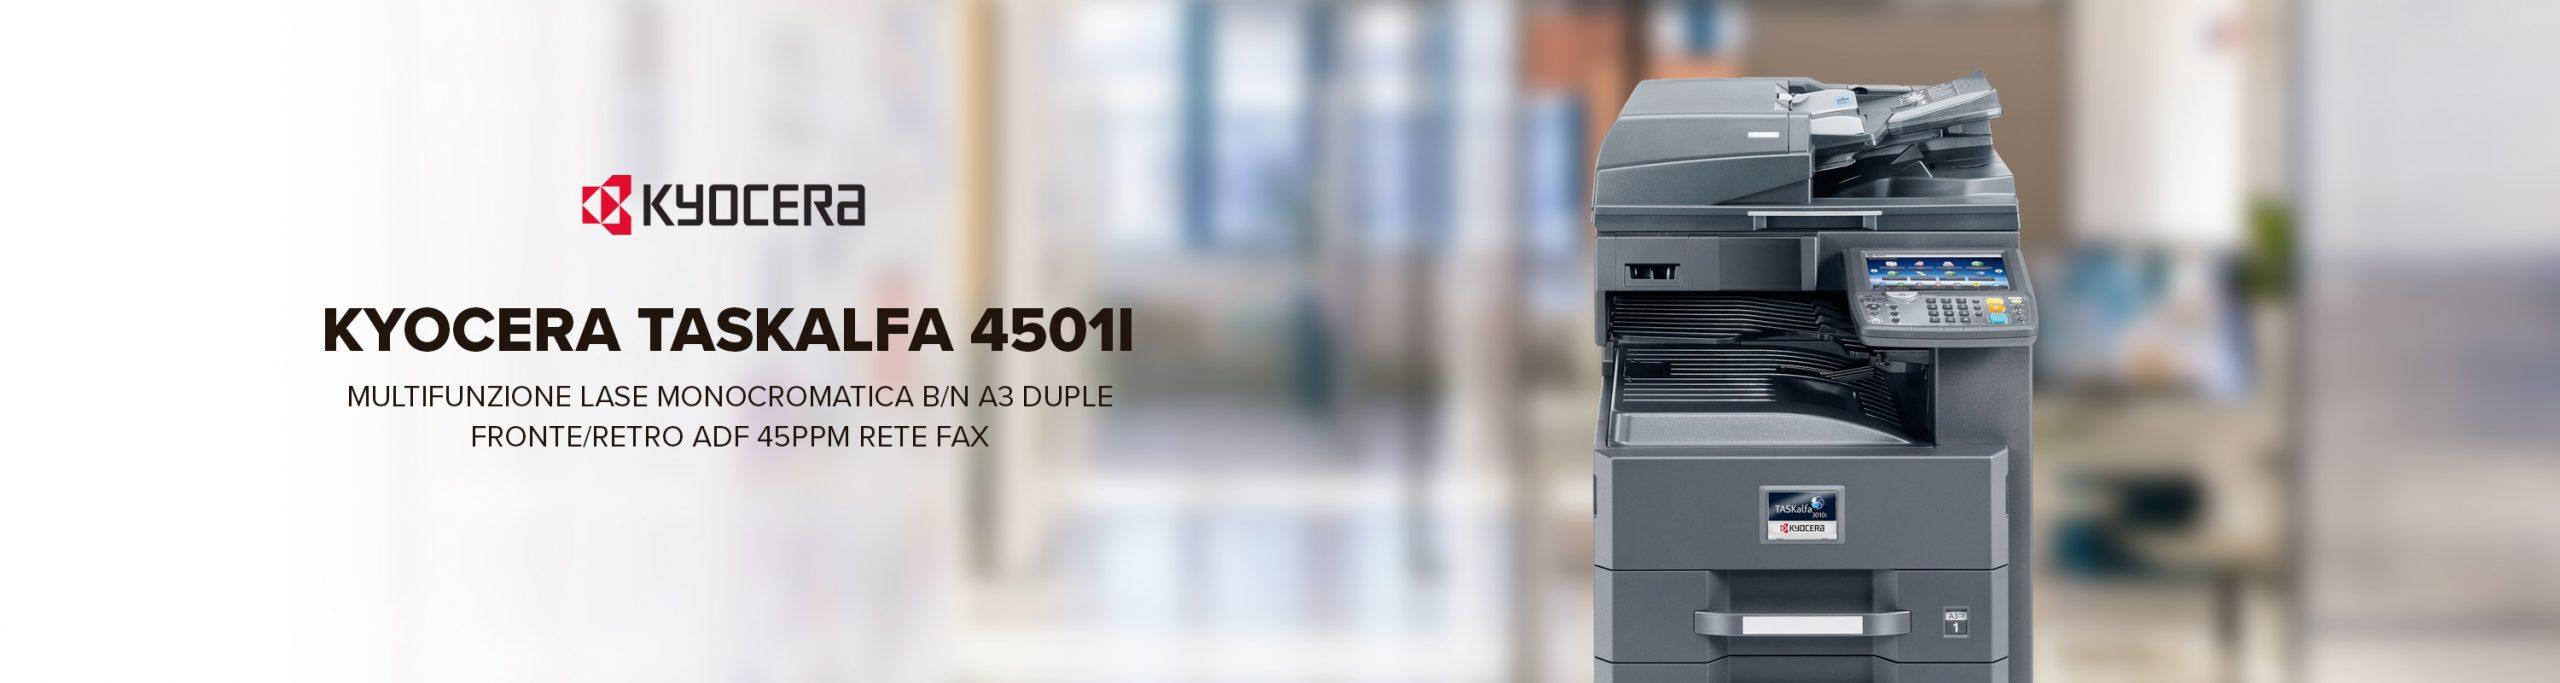 Kyocera 4501i